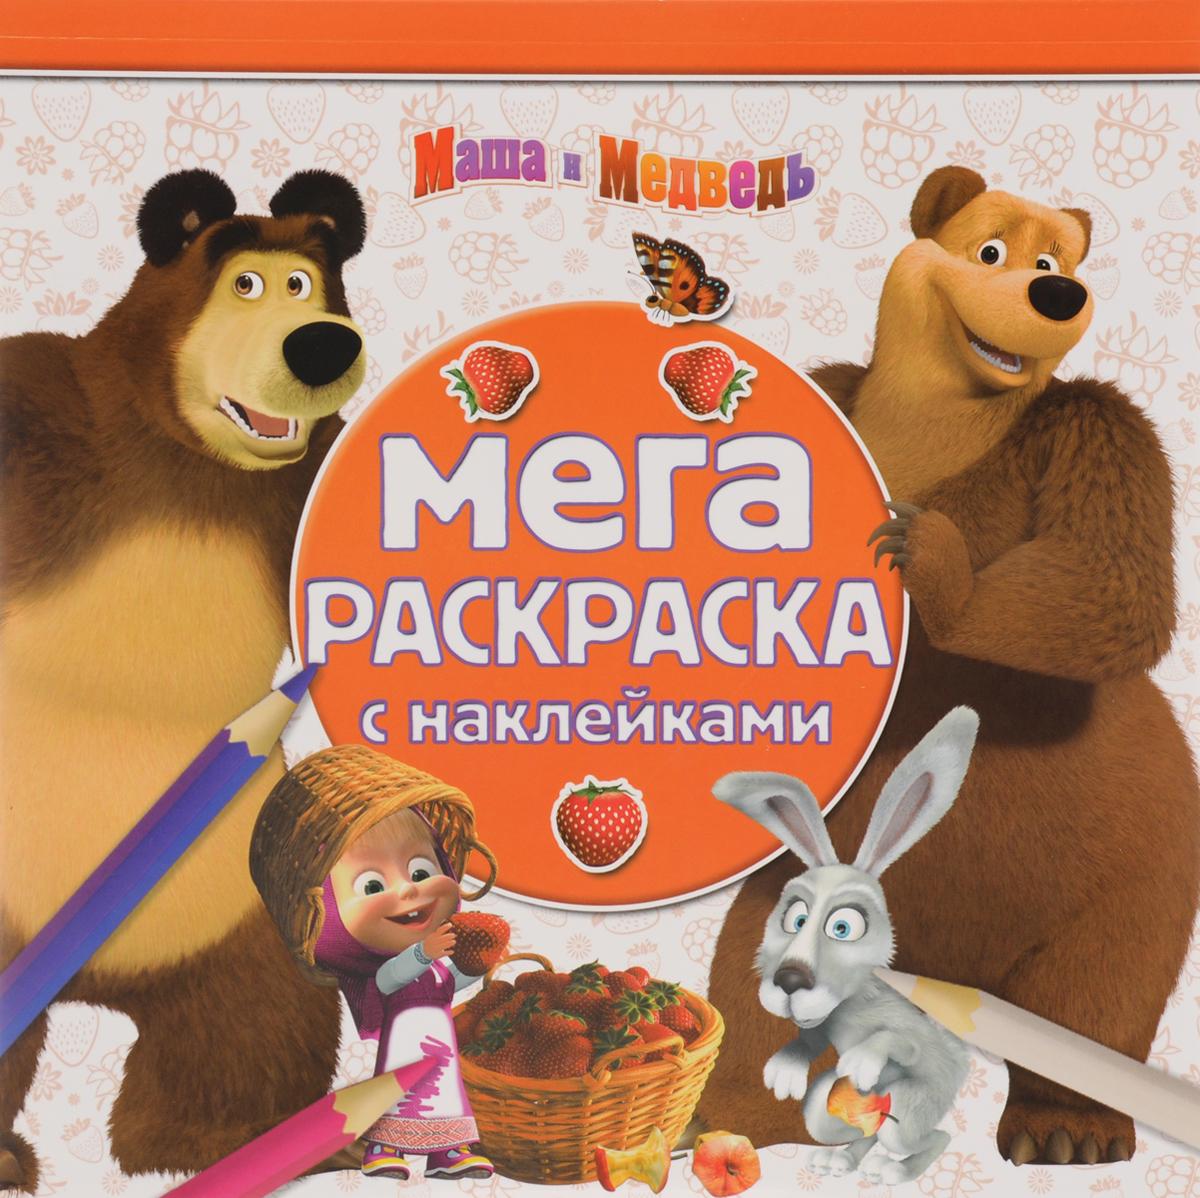 Мега-раскраска с наклейками. Маша и Медведь